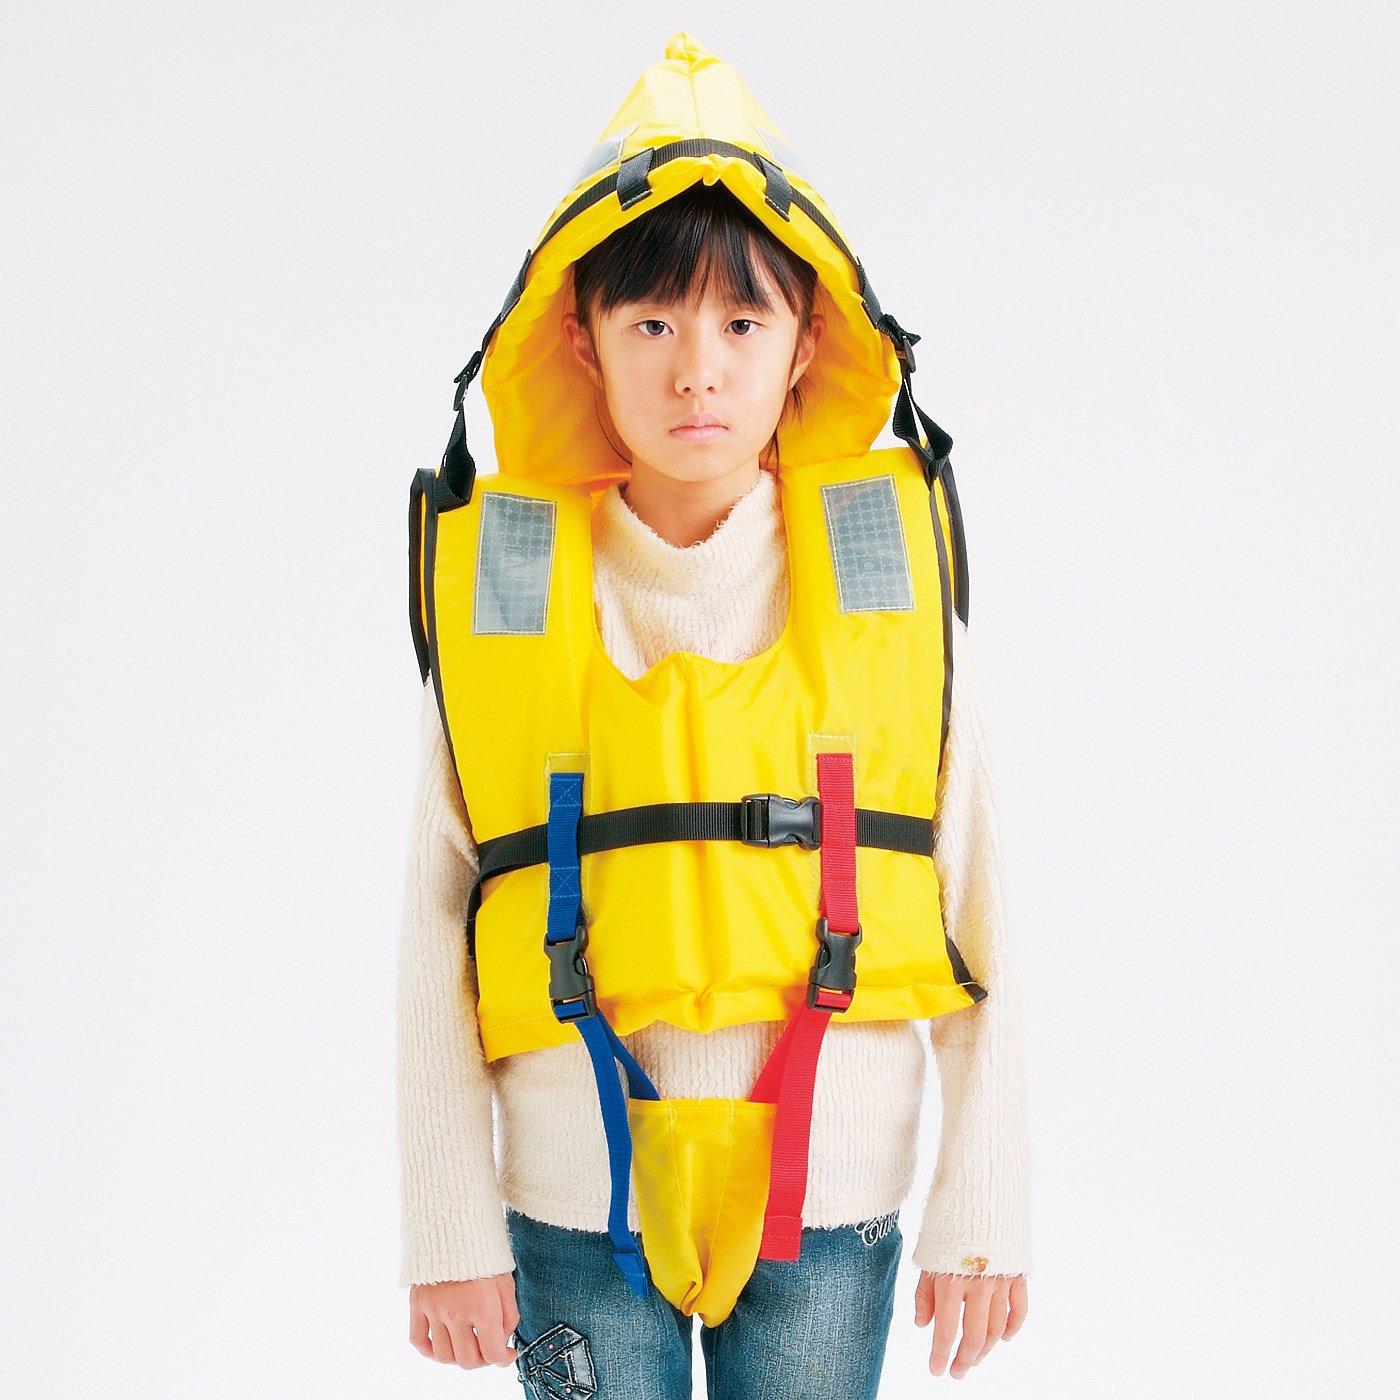 防護頭巾付きで頭もガード 水害対策に備えたい ライフジャケット子ども用M〈120~150cm〉